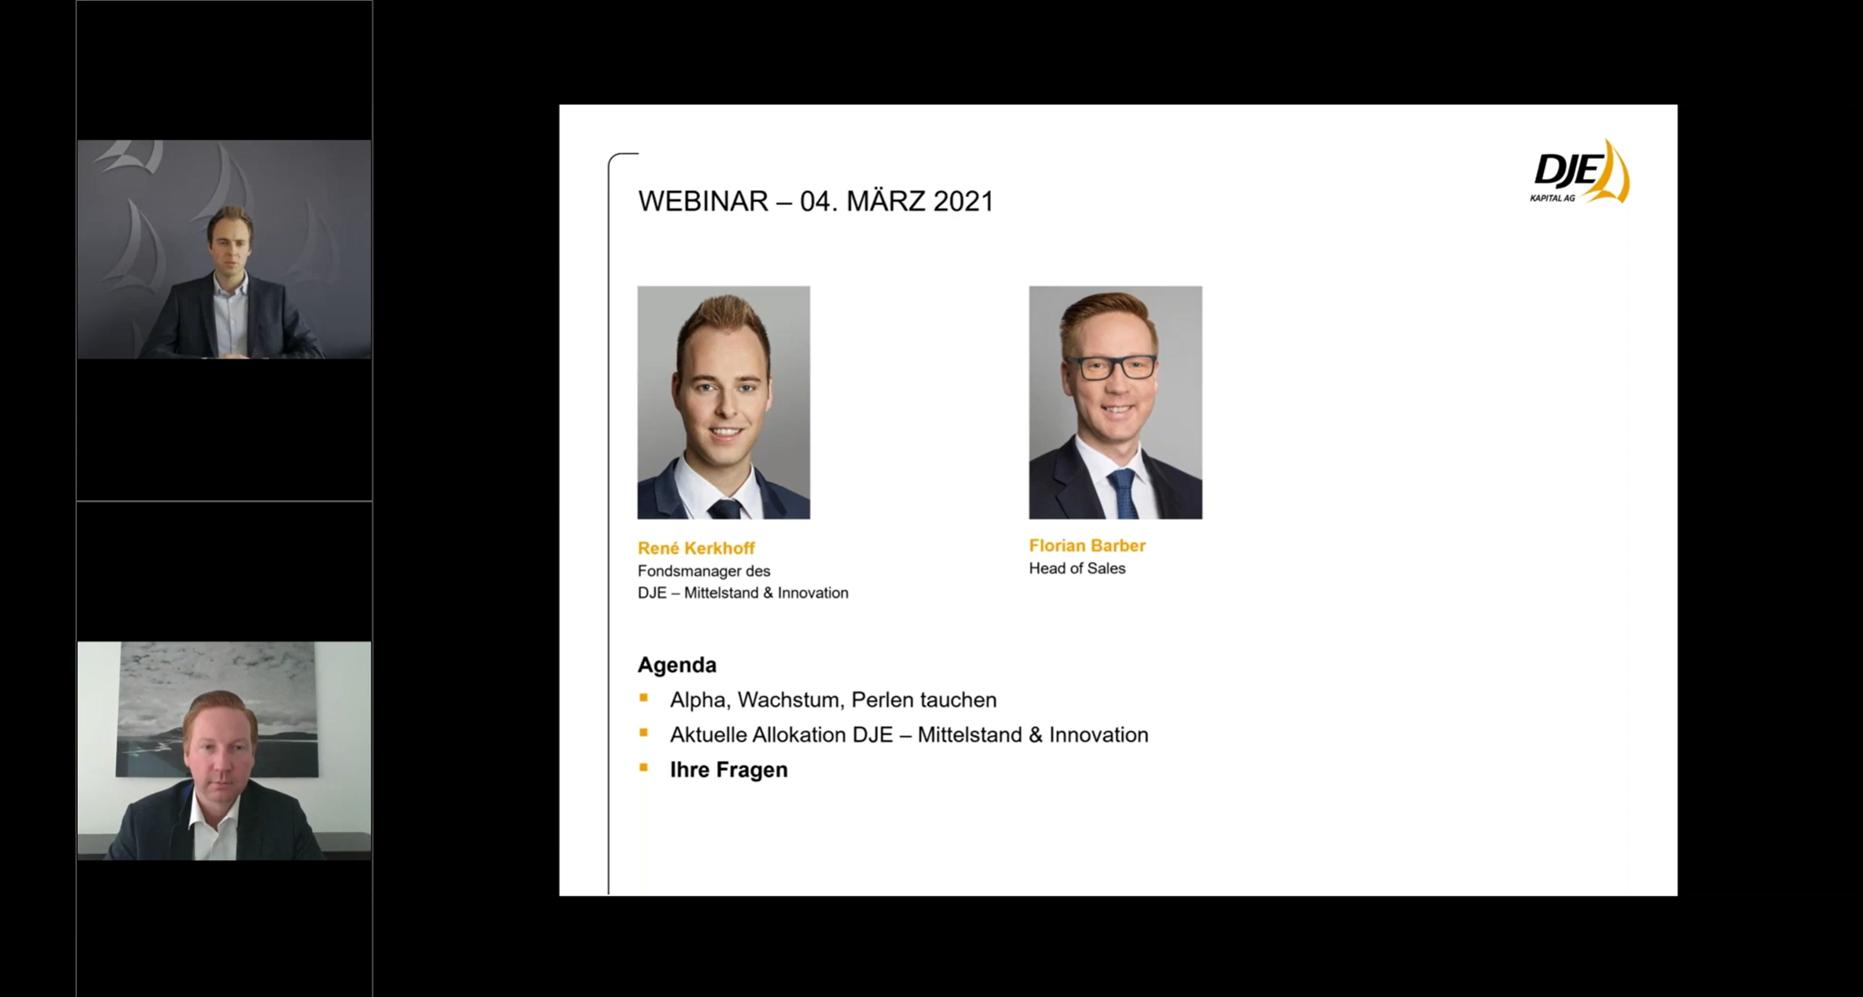 DJE-Webkonferenz zum DJE - Mittelstand und Innovation